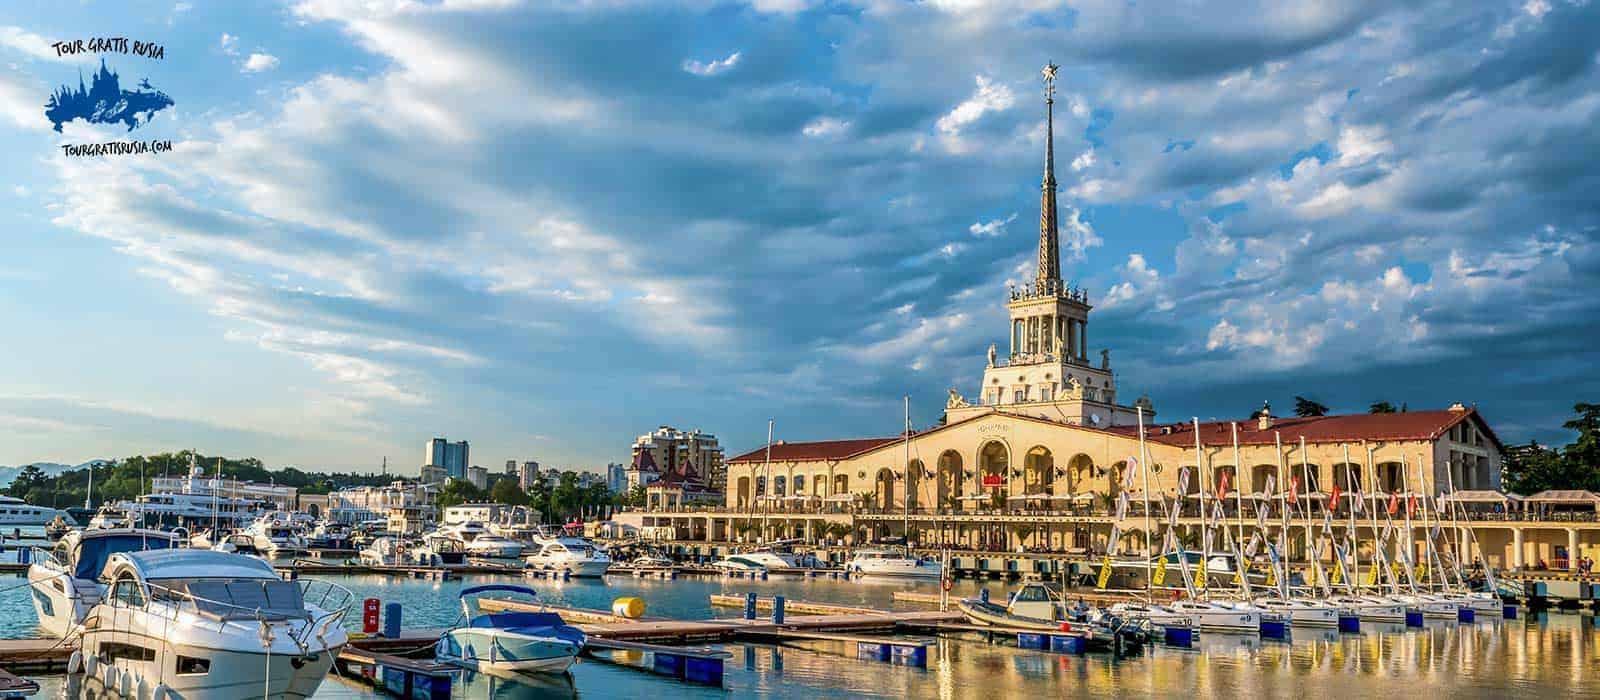 Tour Centro de Sochi central